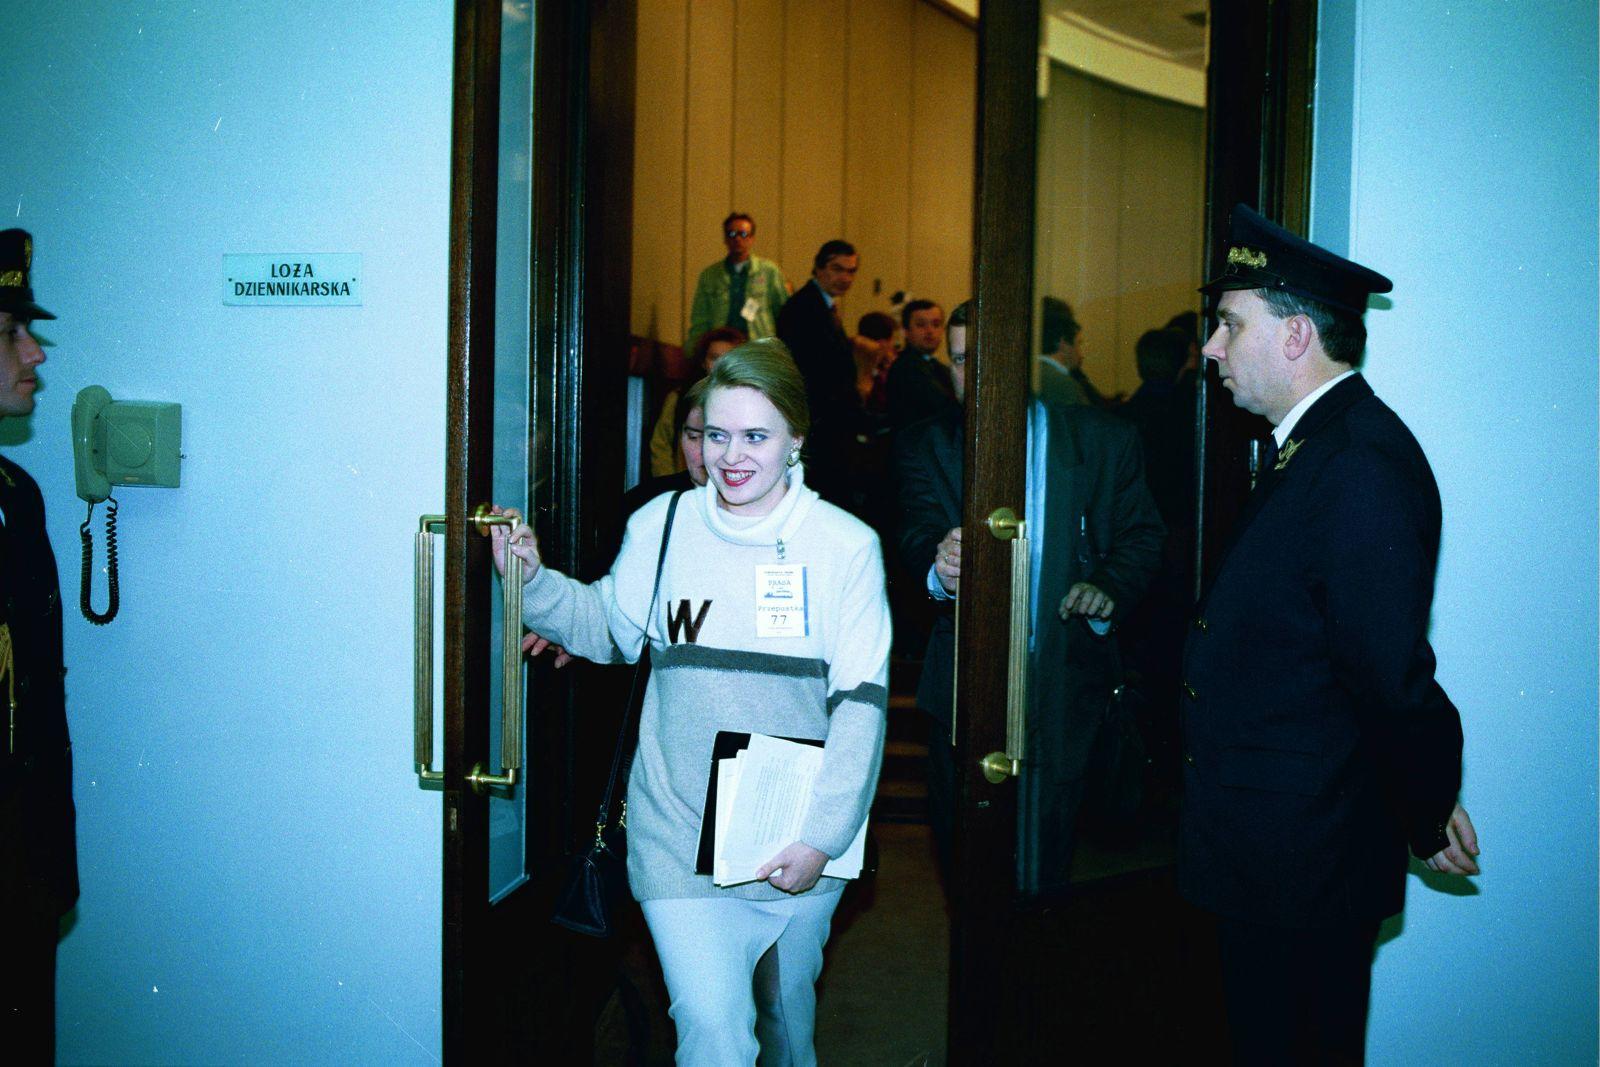 q17.11.1993 WARSZAWA SEJM - ANASTAZJA POTOCKA ANASTAZJA P.FOT. SLAWOMIR KAMINSKI / AGENCJA GAZETA SK DVD 021 A